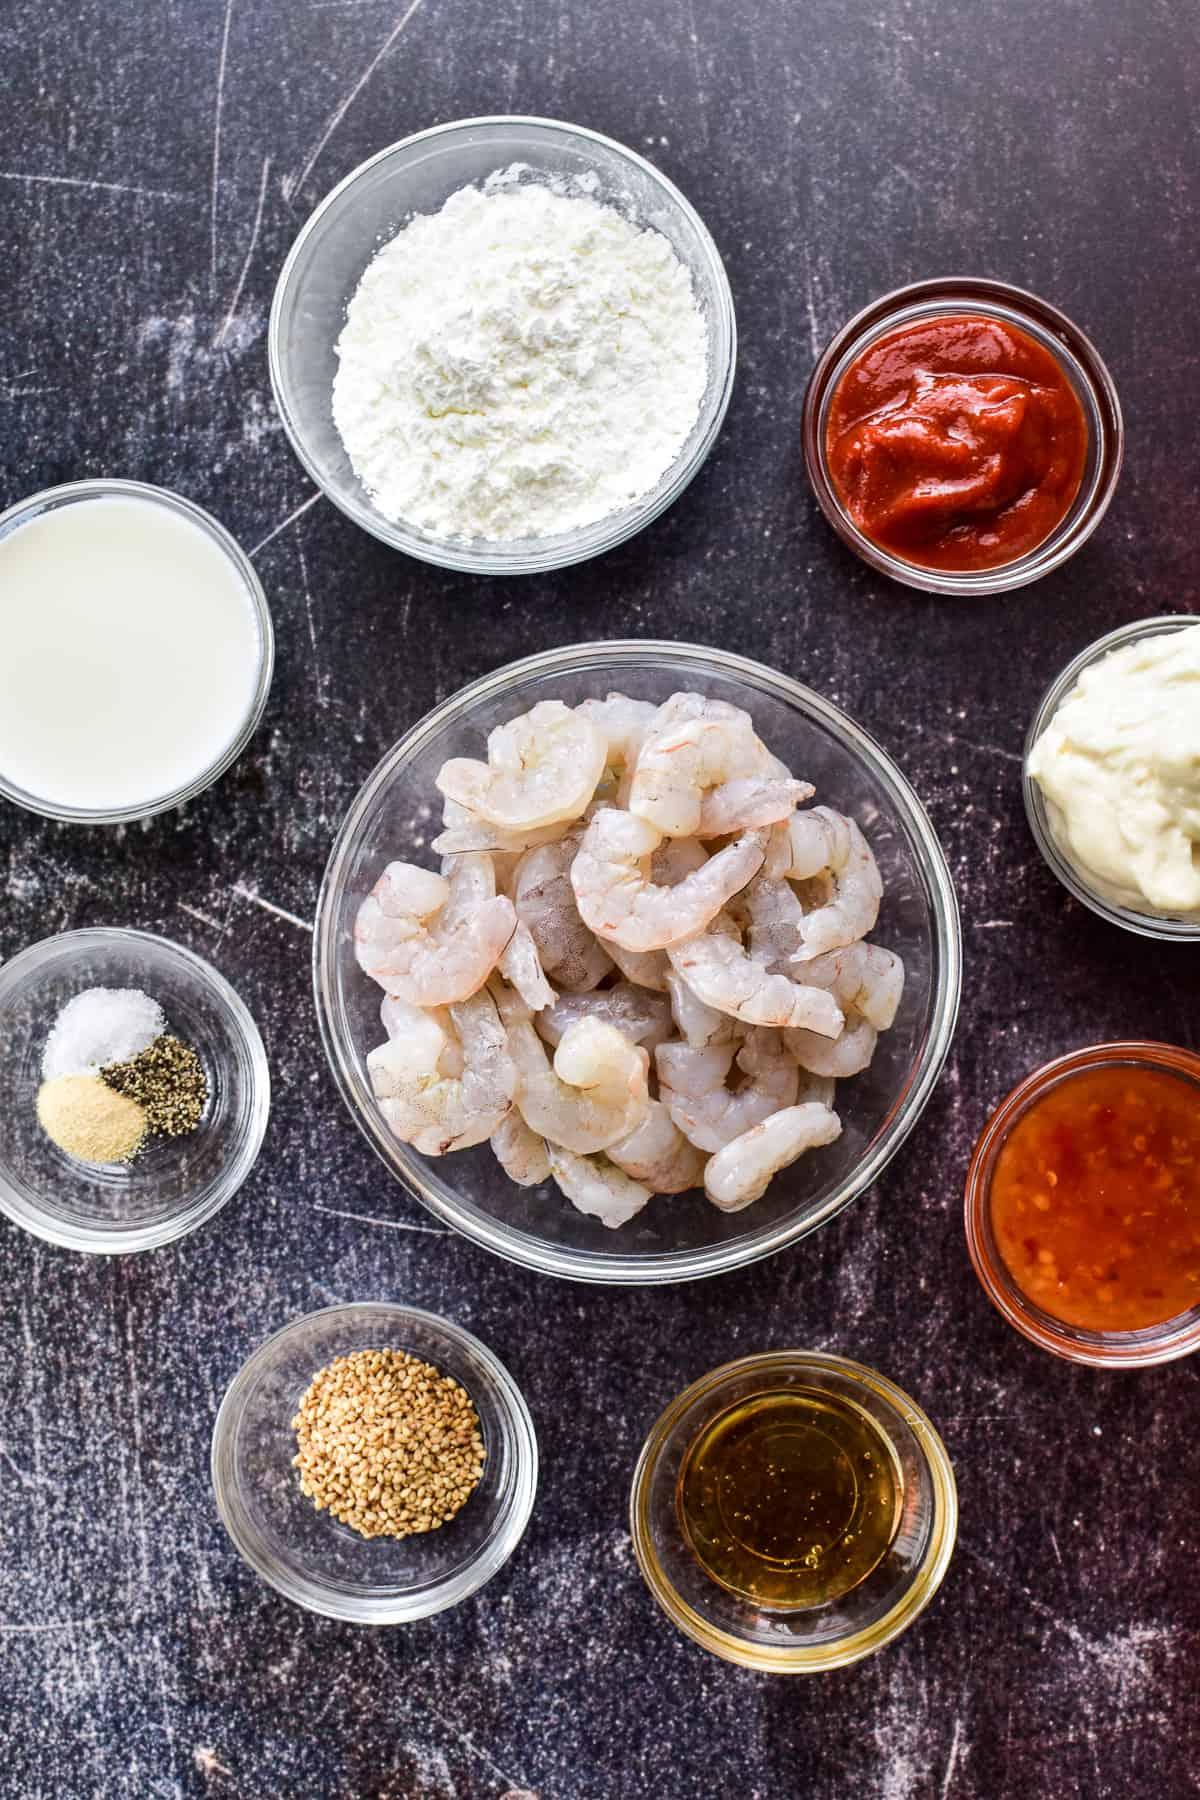 Bang Bang Shrimp ingredients